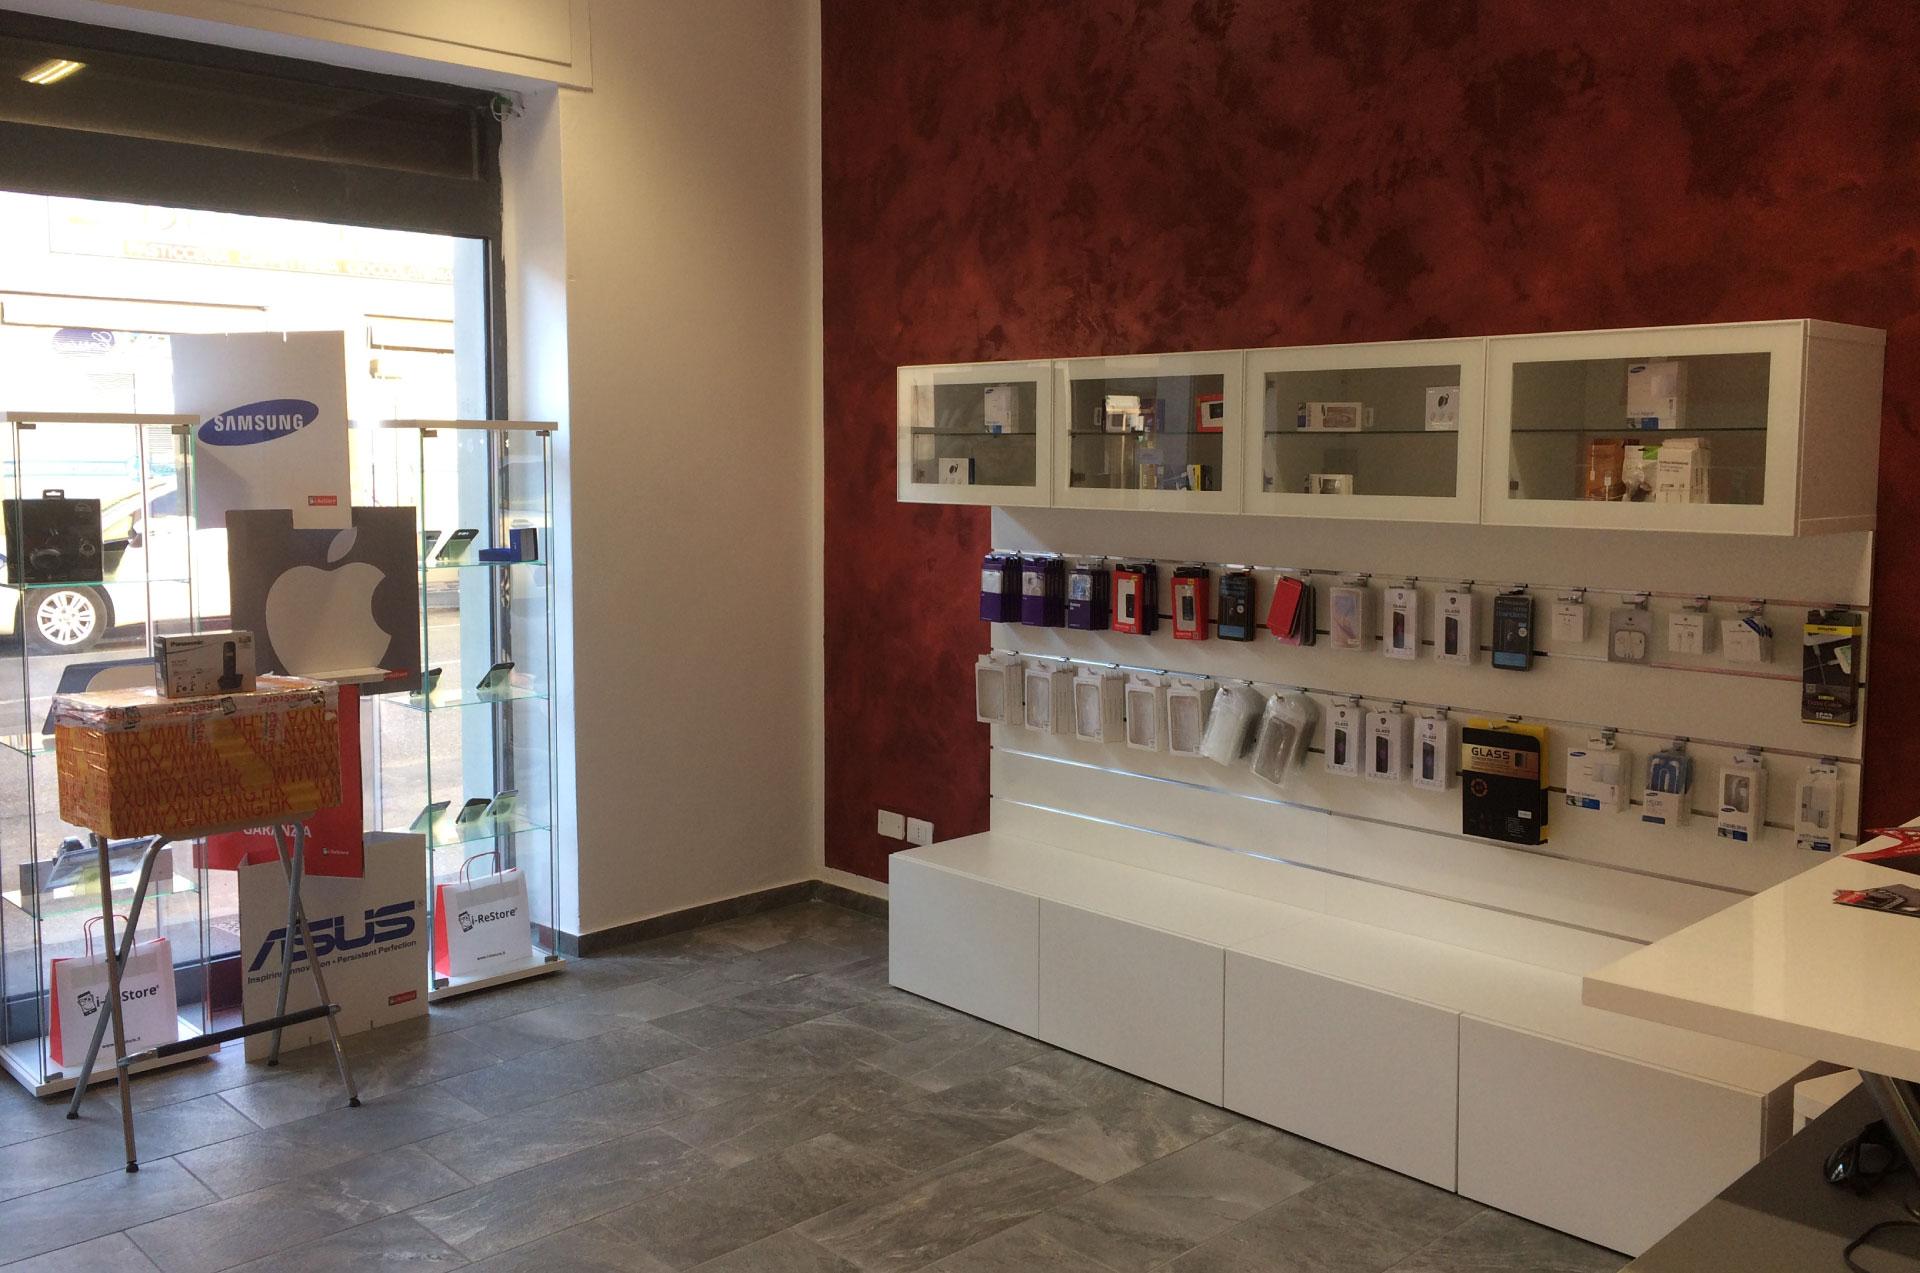 i-restore livorno negozio riparazione vendita permuta smartphone tablet